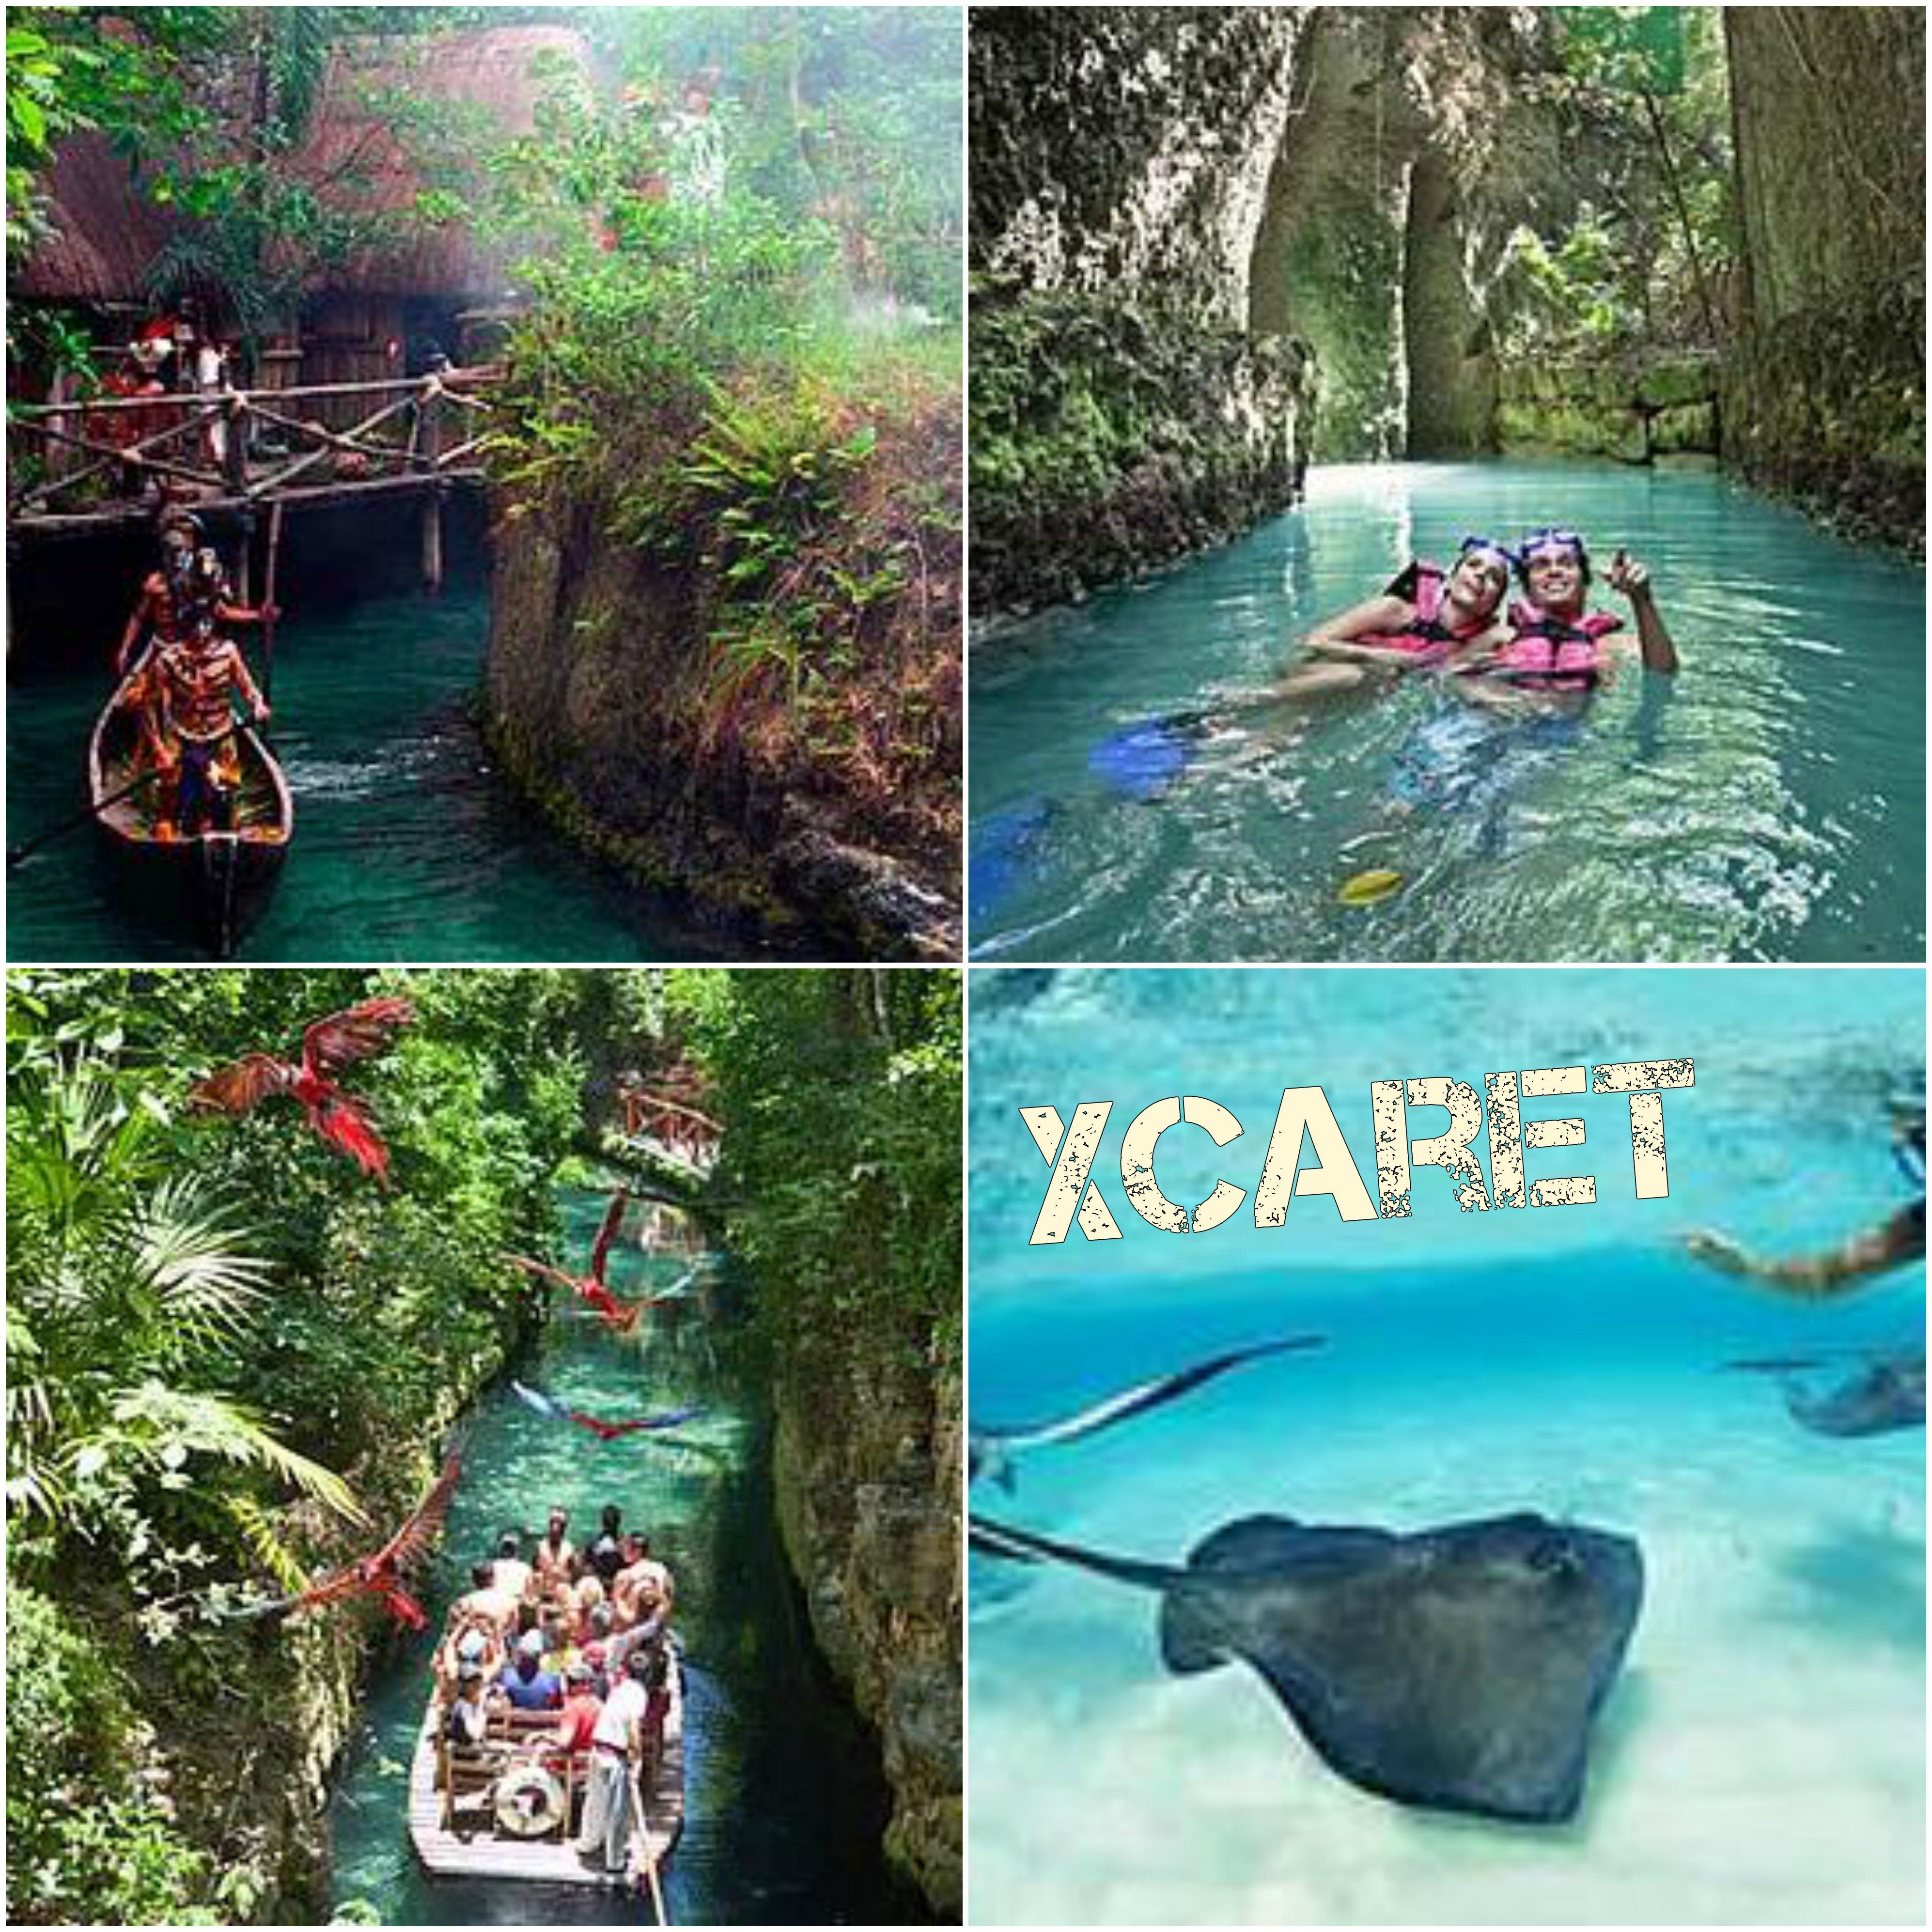 XCaret Park - Mexico